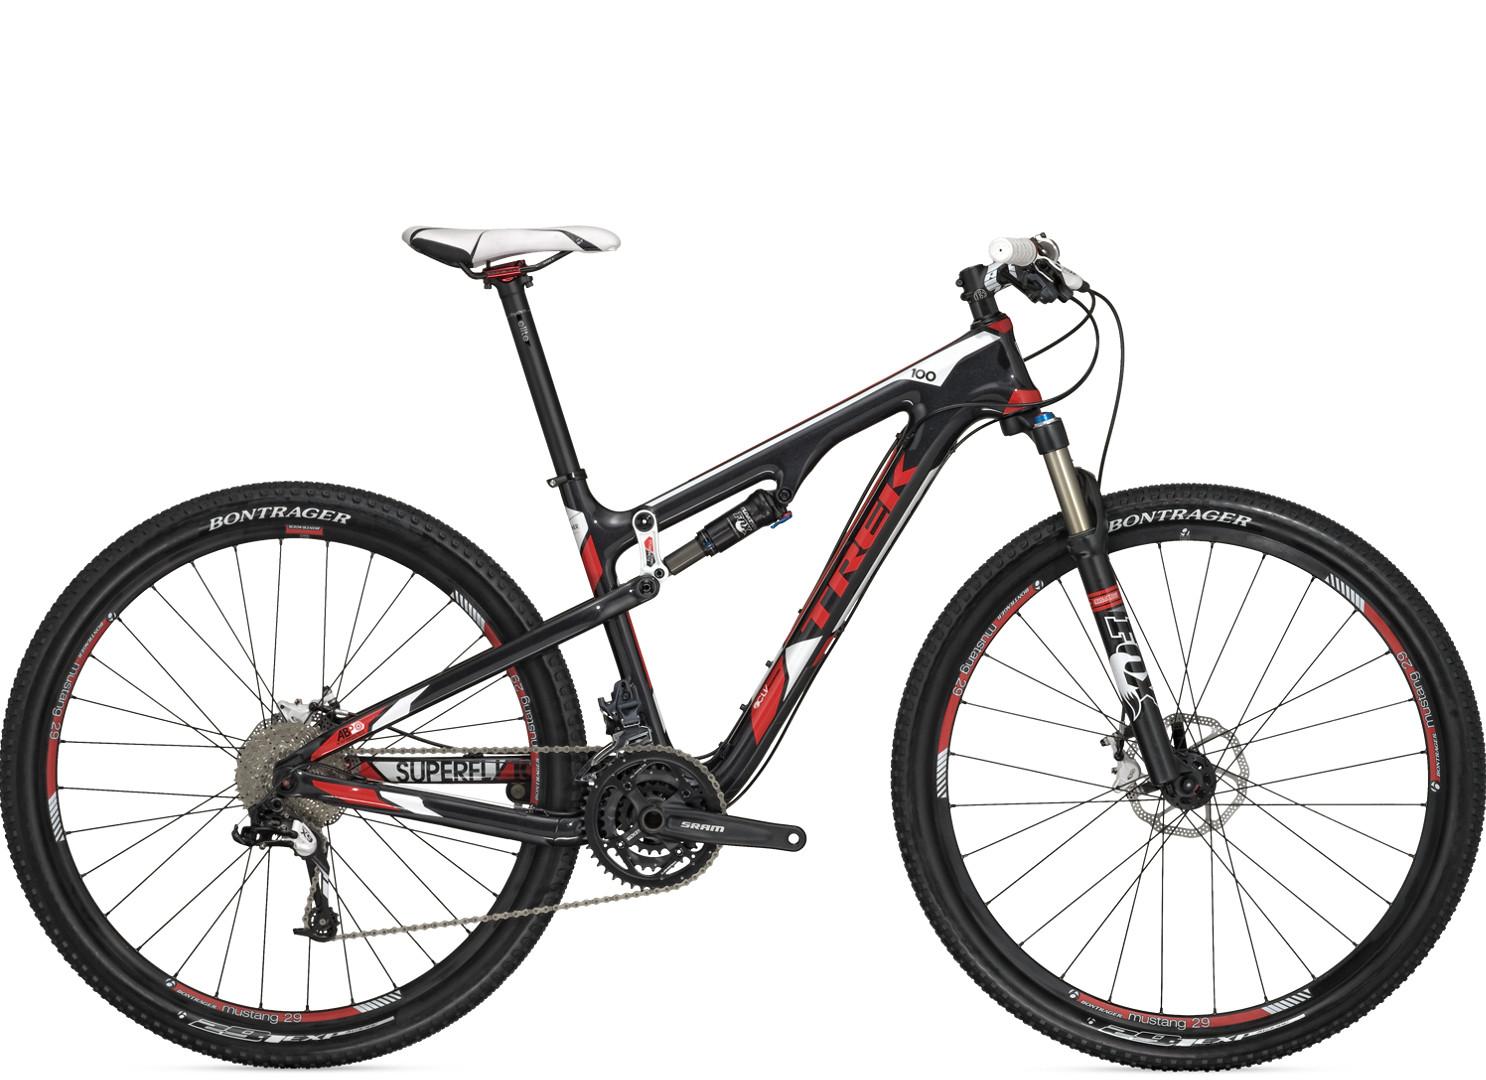 2012 Trek Superfly 100 Bike 26931